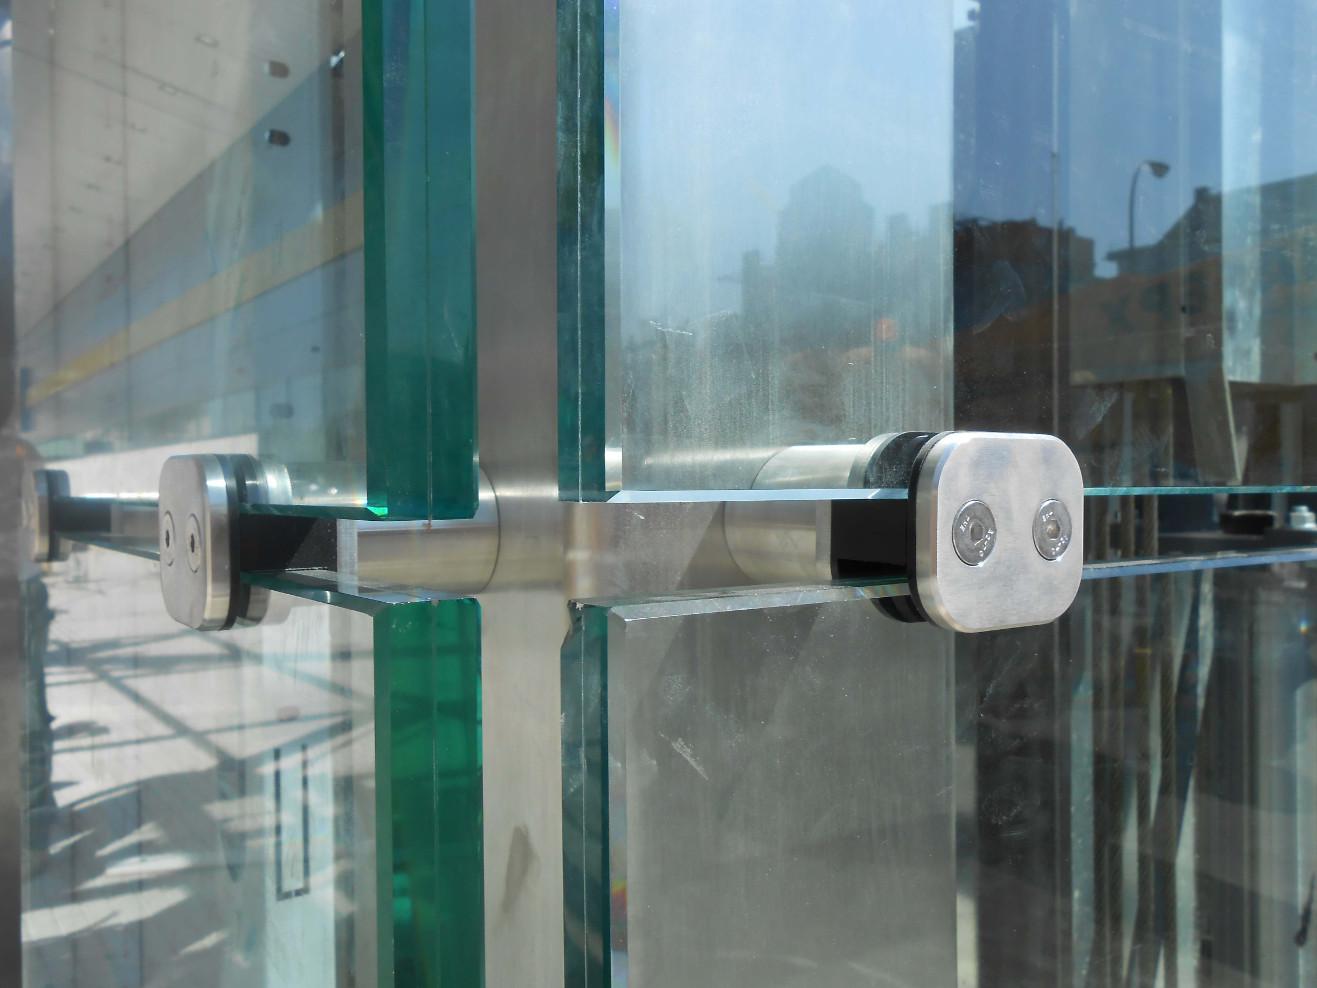 Anclaje de vidrio para fachada ventilada